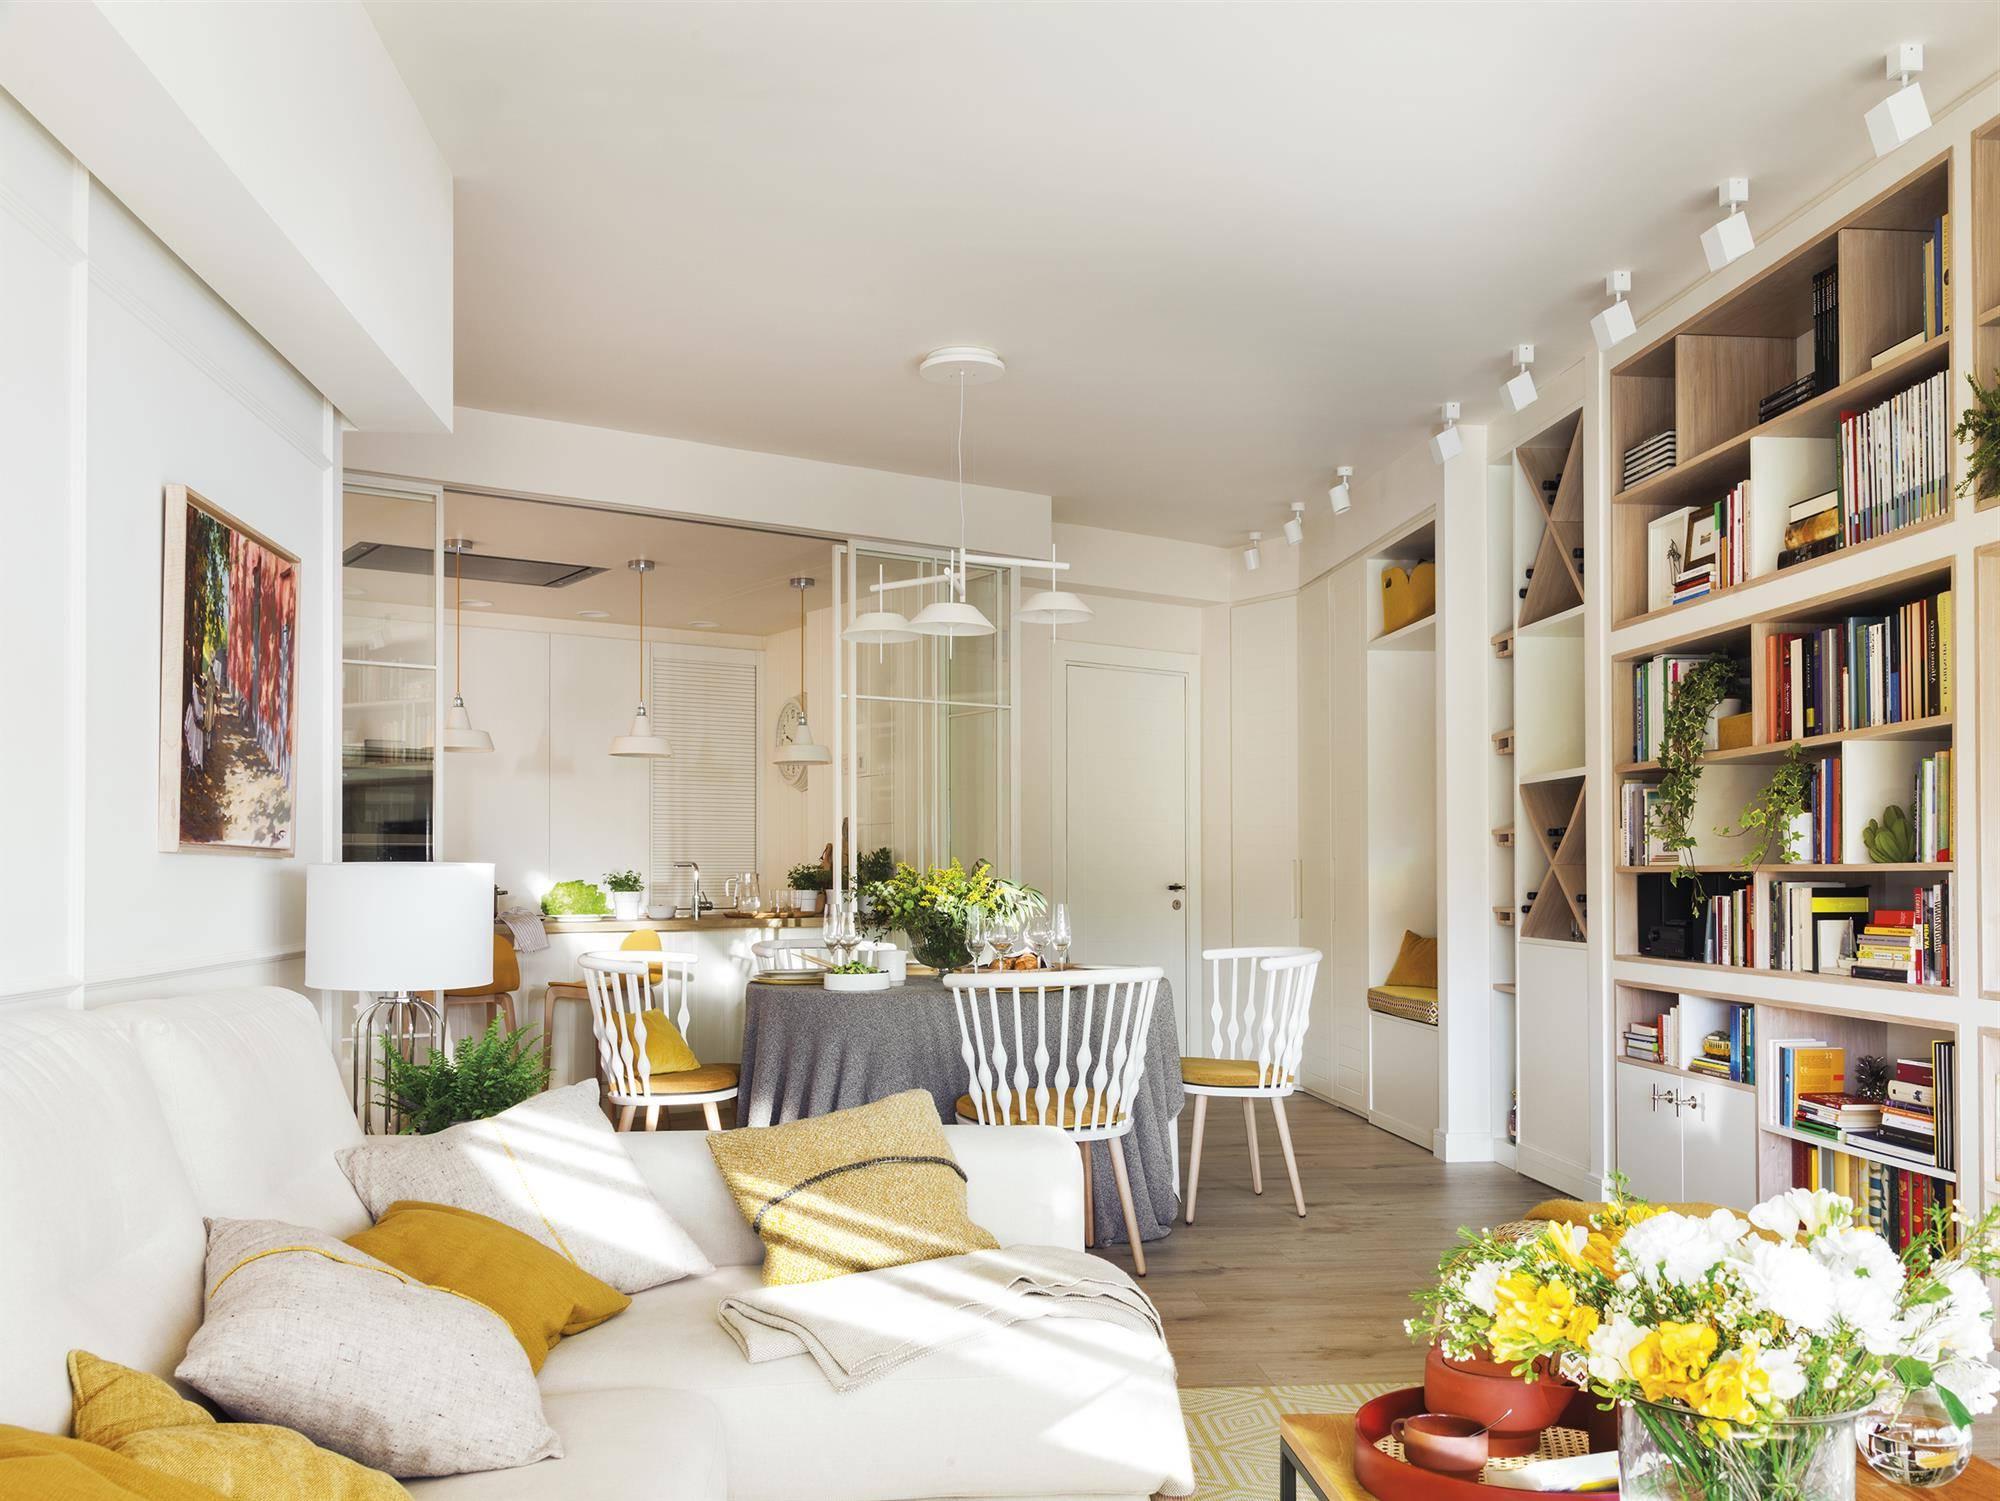 El Mueble Decoracion Dwdk 10 Ideas Para Copiar De Las Mejores Casas De El Mueble